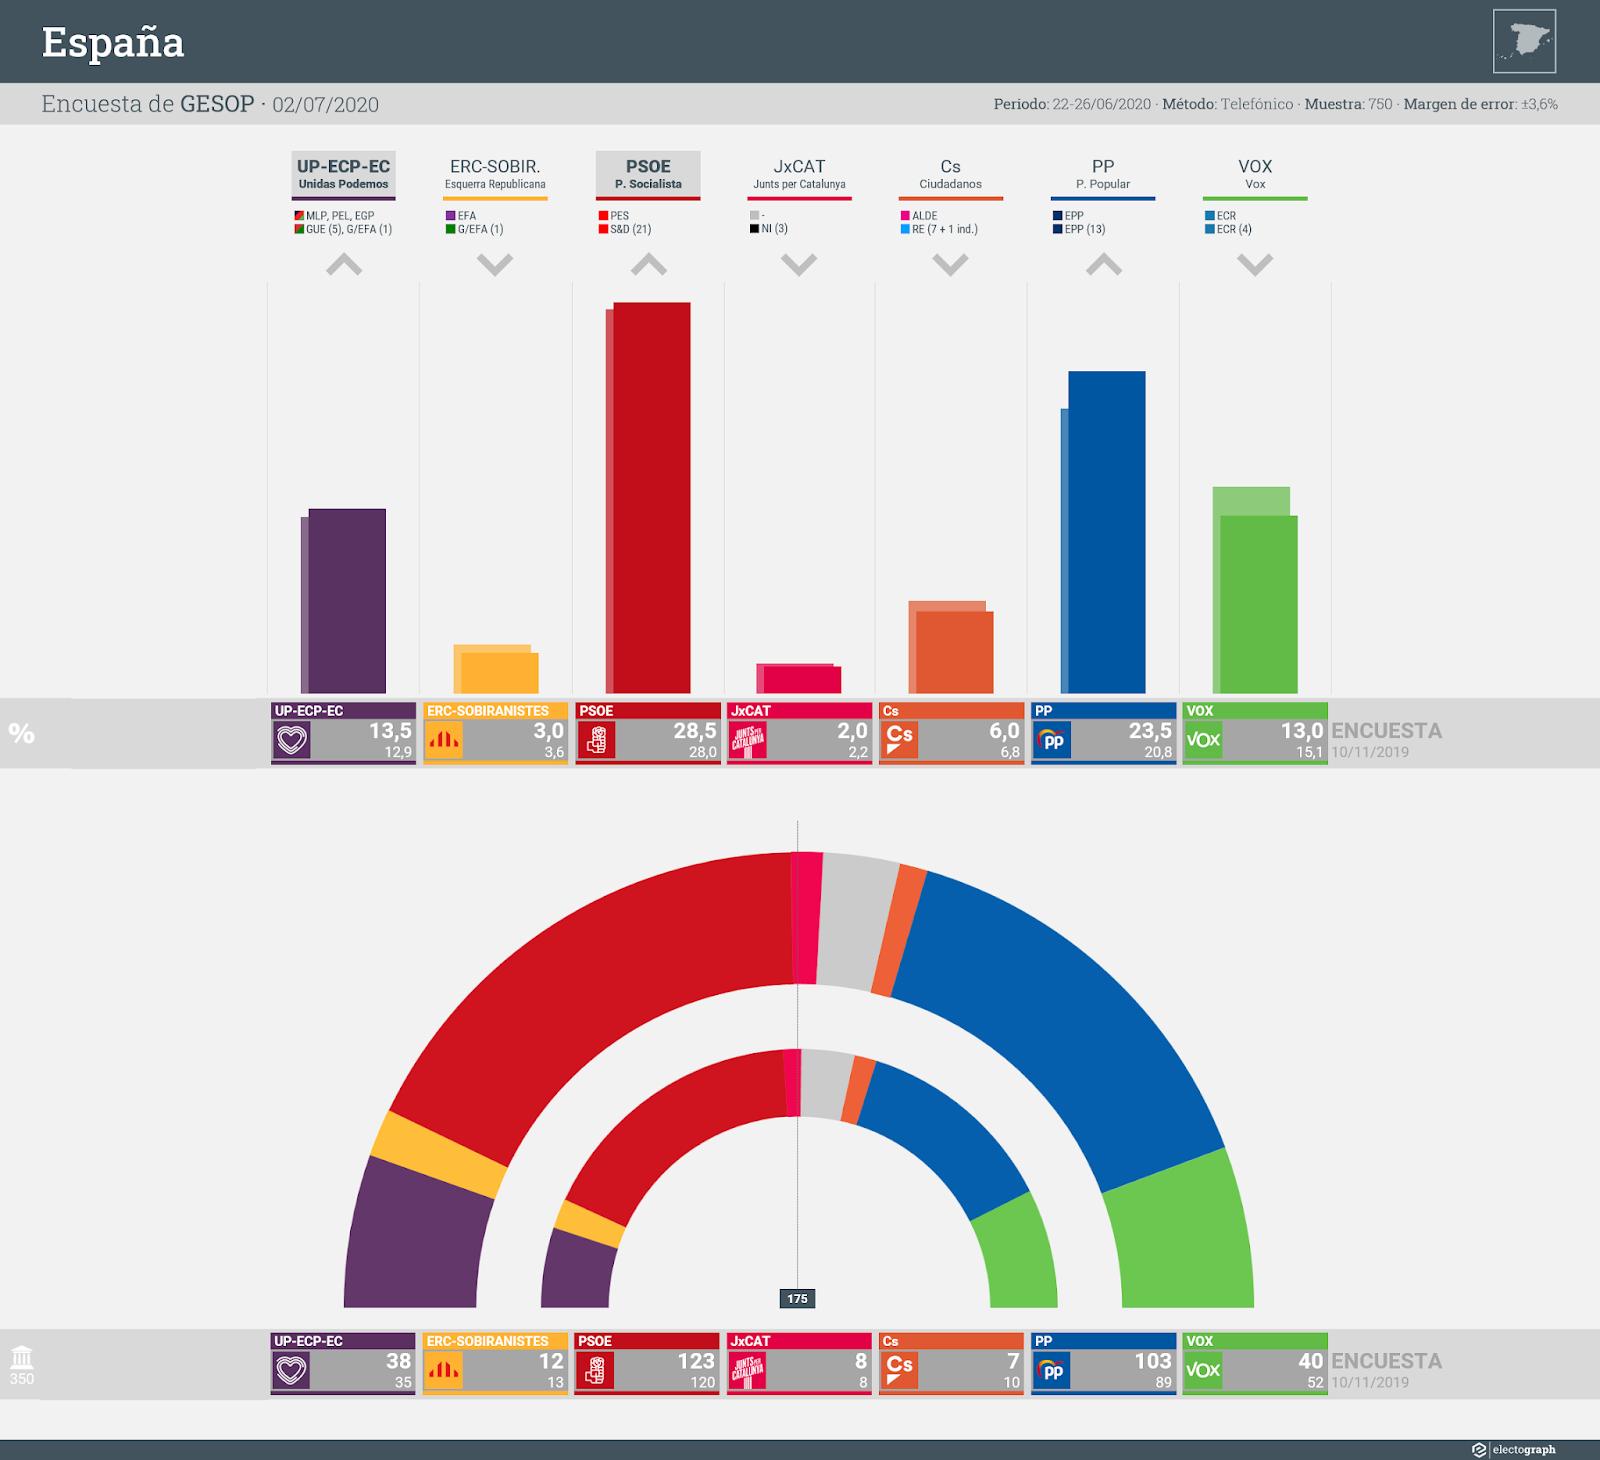 Gráfico de la encuesta para elecciones generales en España realizada por GESOP, 2 de julio de 2020